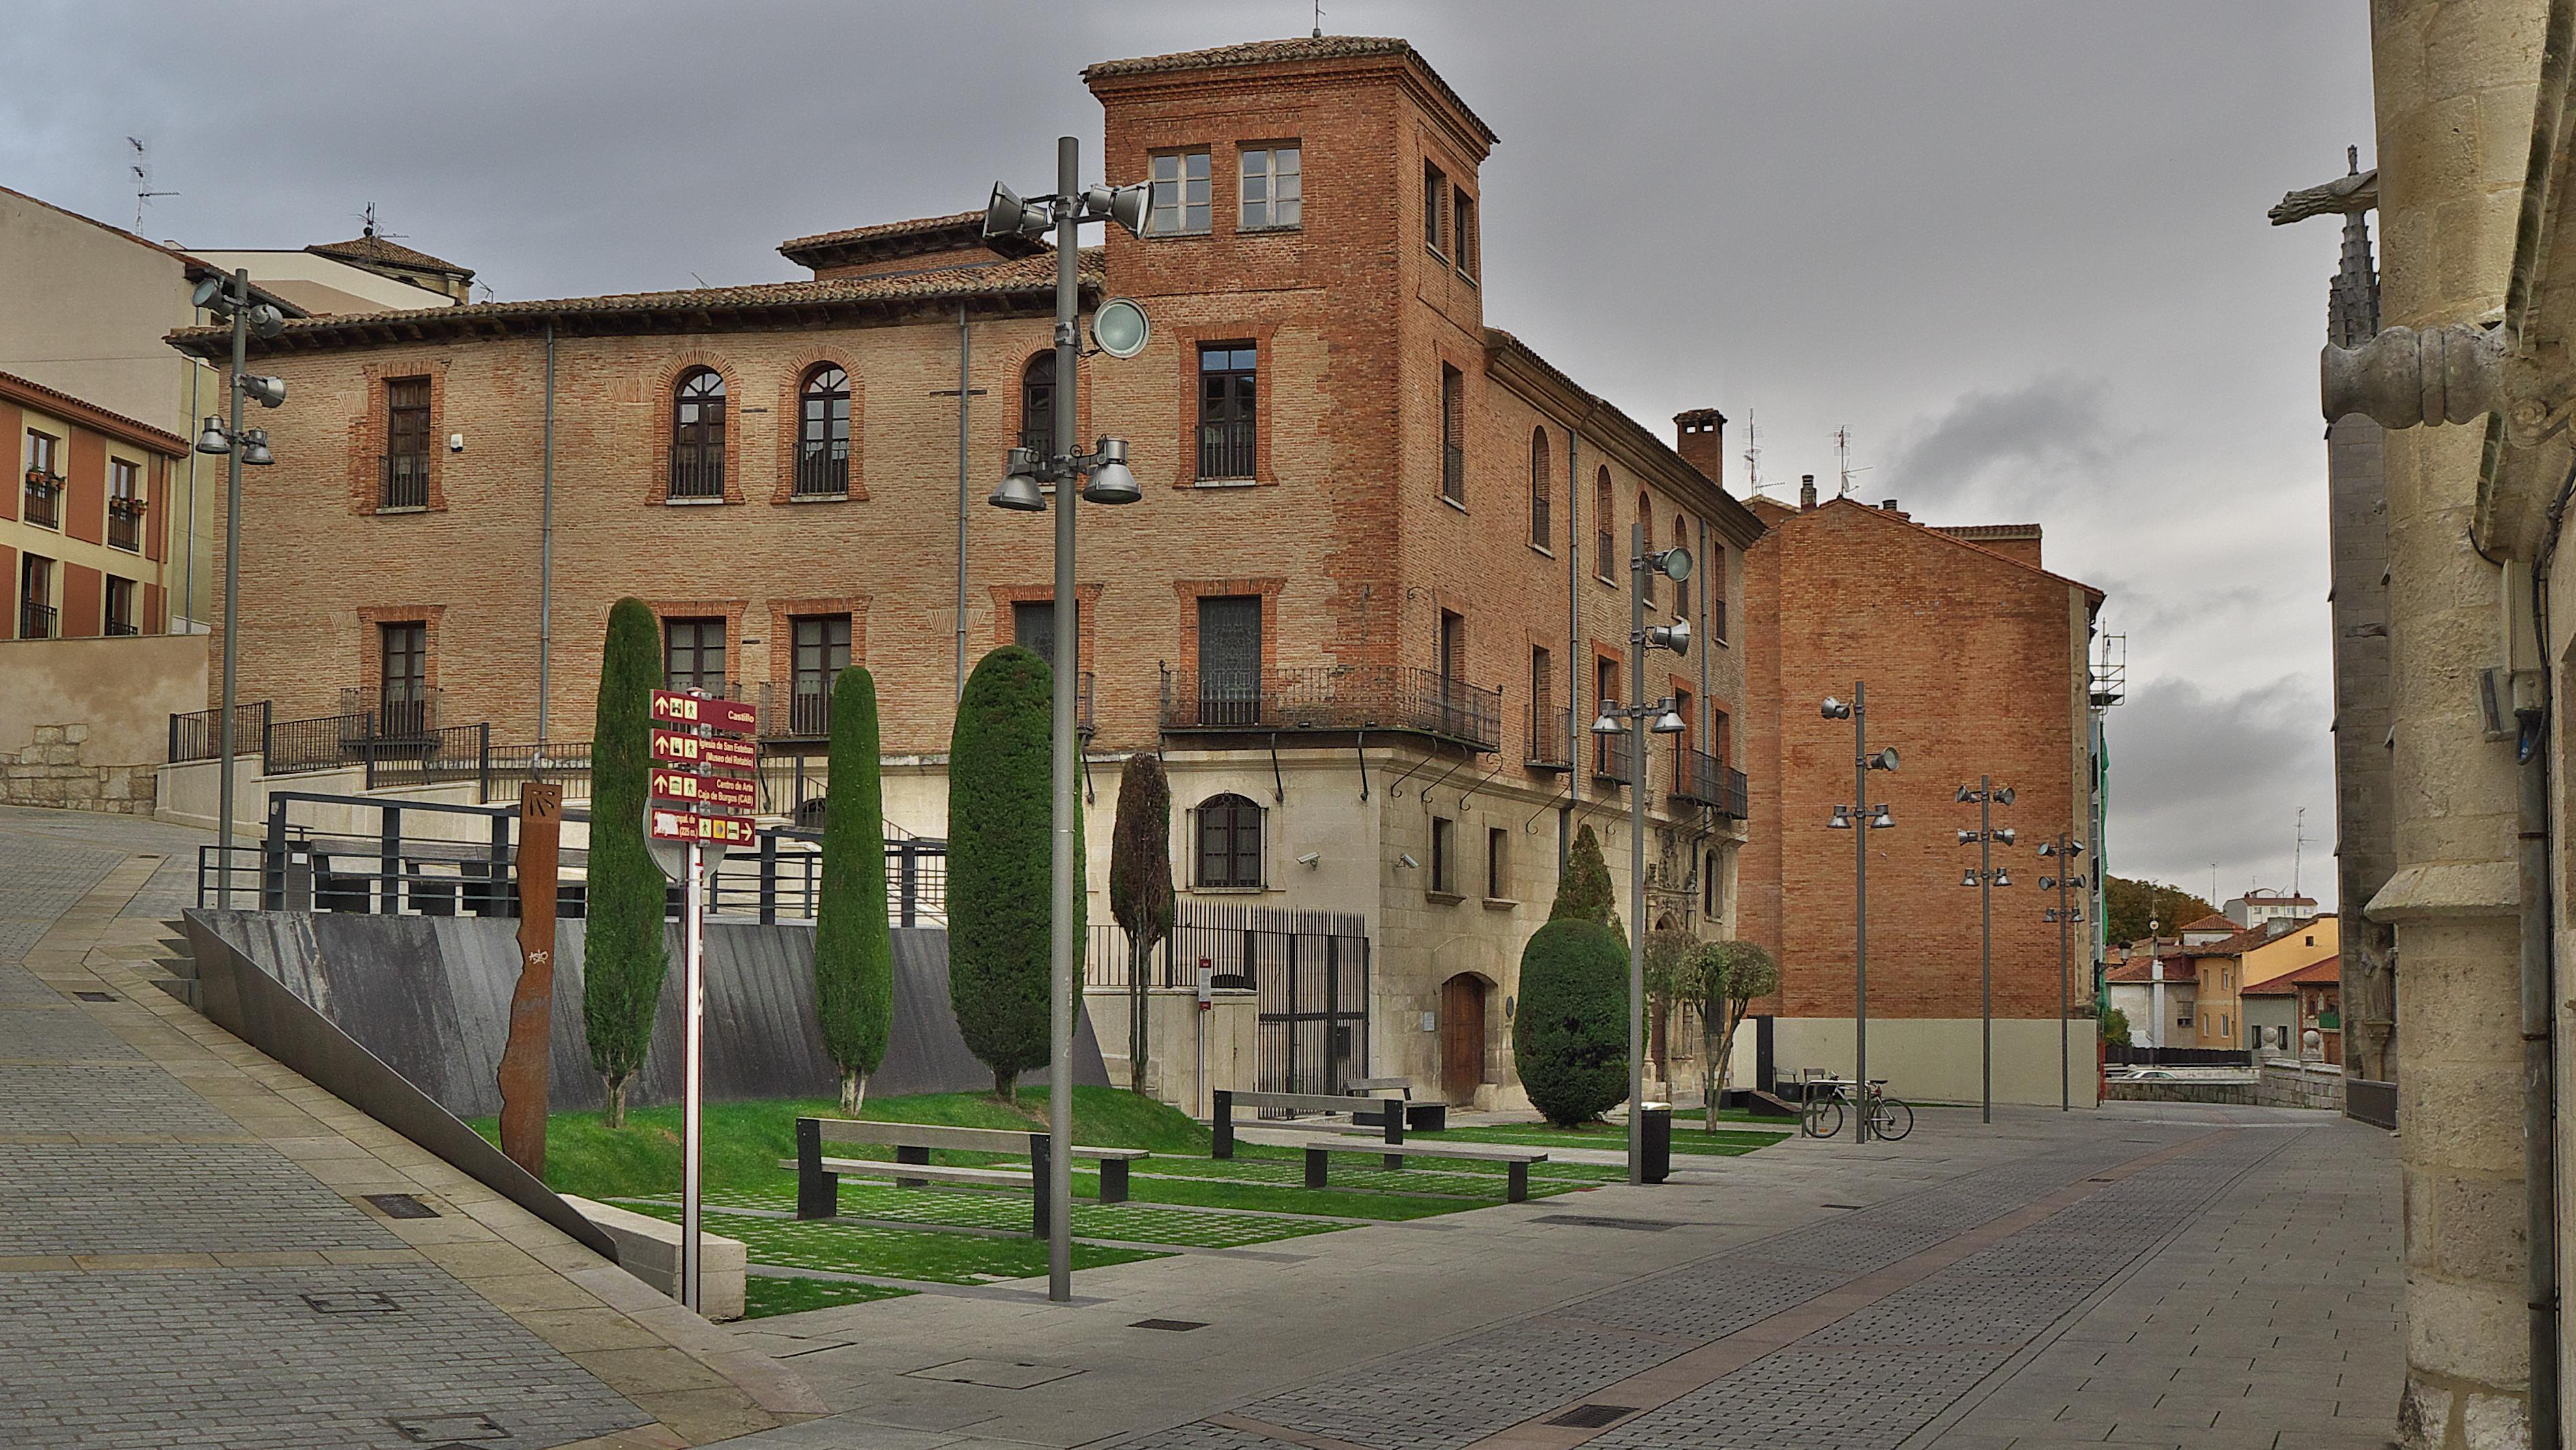 File:Palacio de Castilfalé. Burgos.jpg - Wikimedia Commons